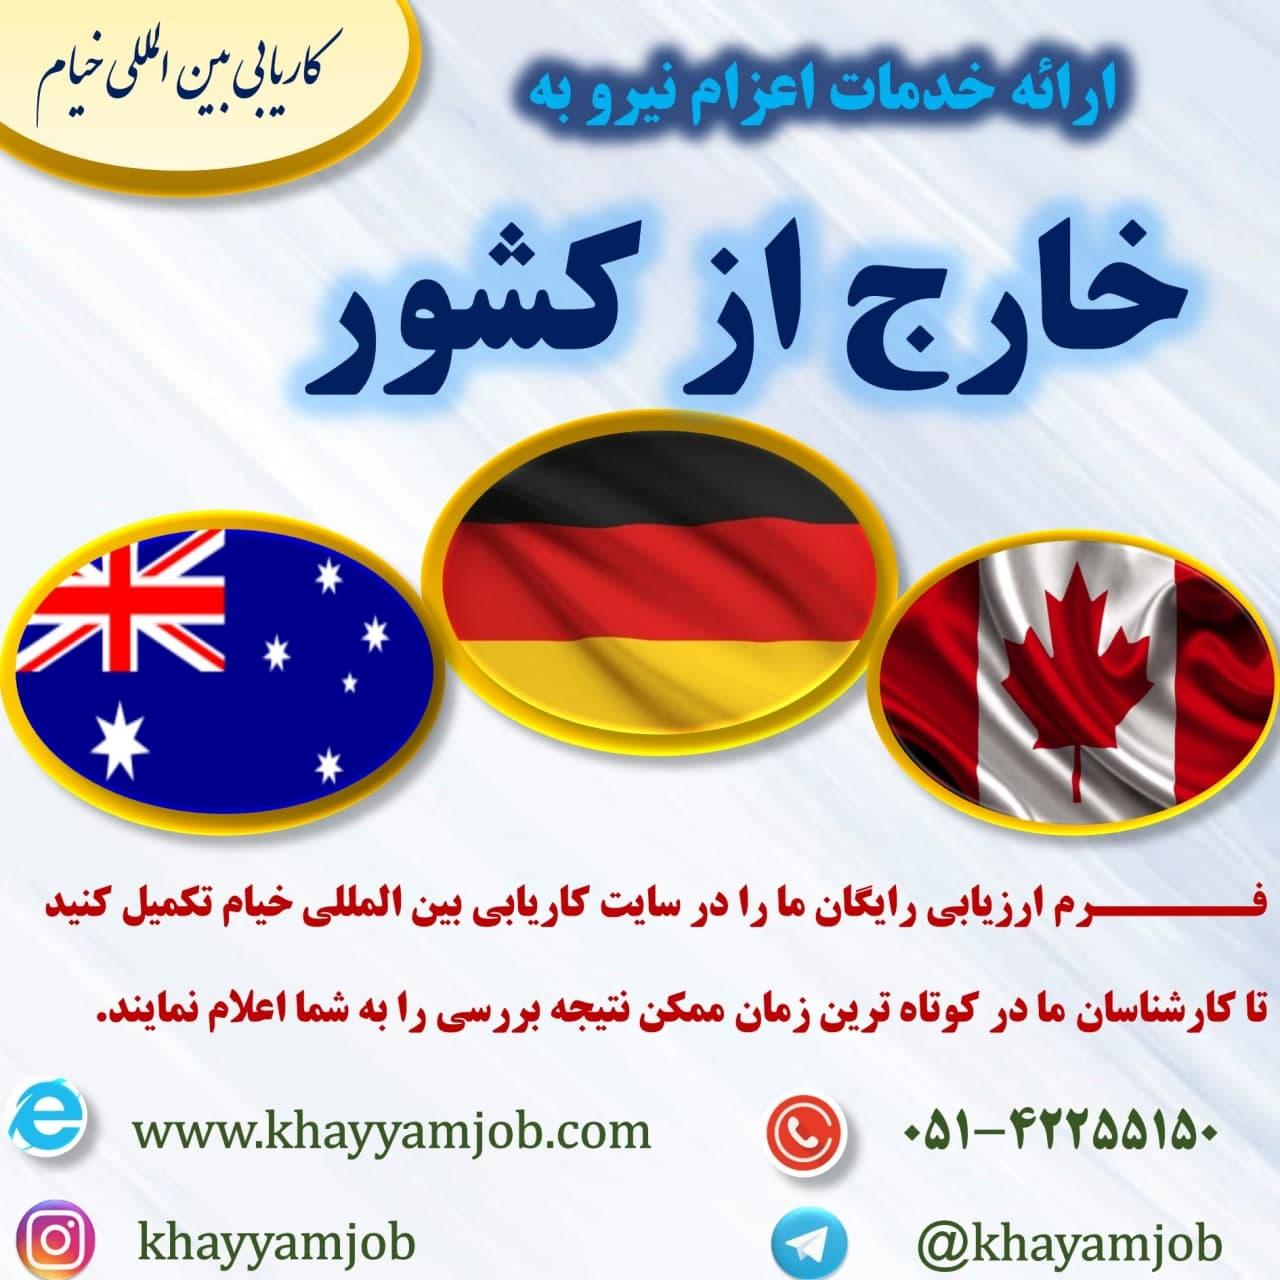 فرصت عالی اشتغال در کشور استرالیا و آلمان